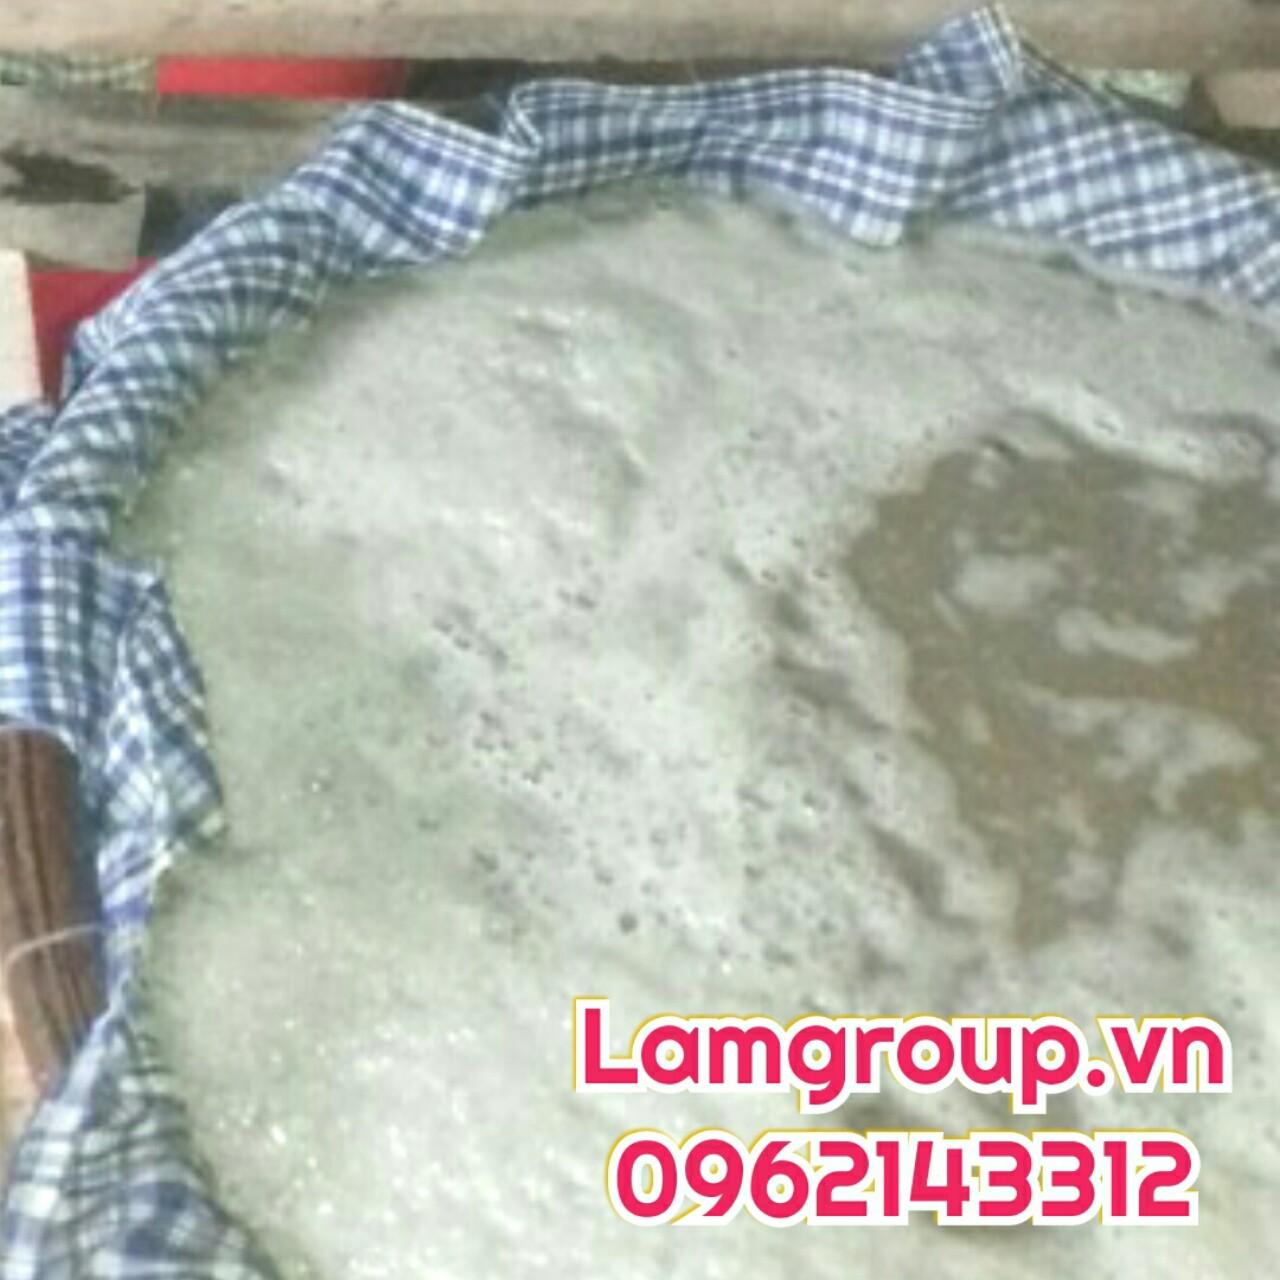 Xưởng gia công chế biến nước mắm nhỉ cá cơm truyền thống